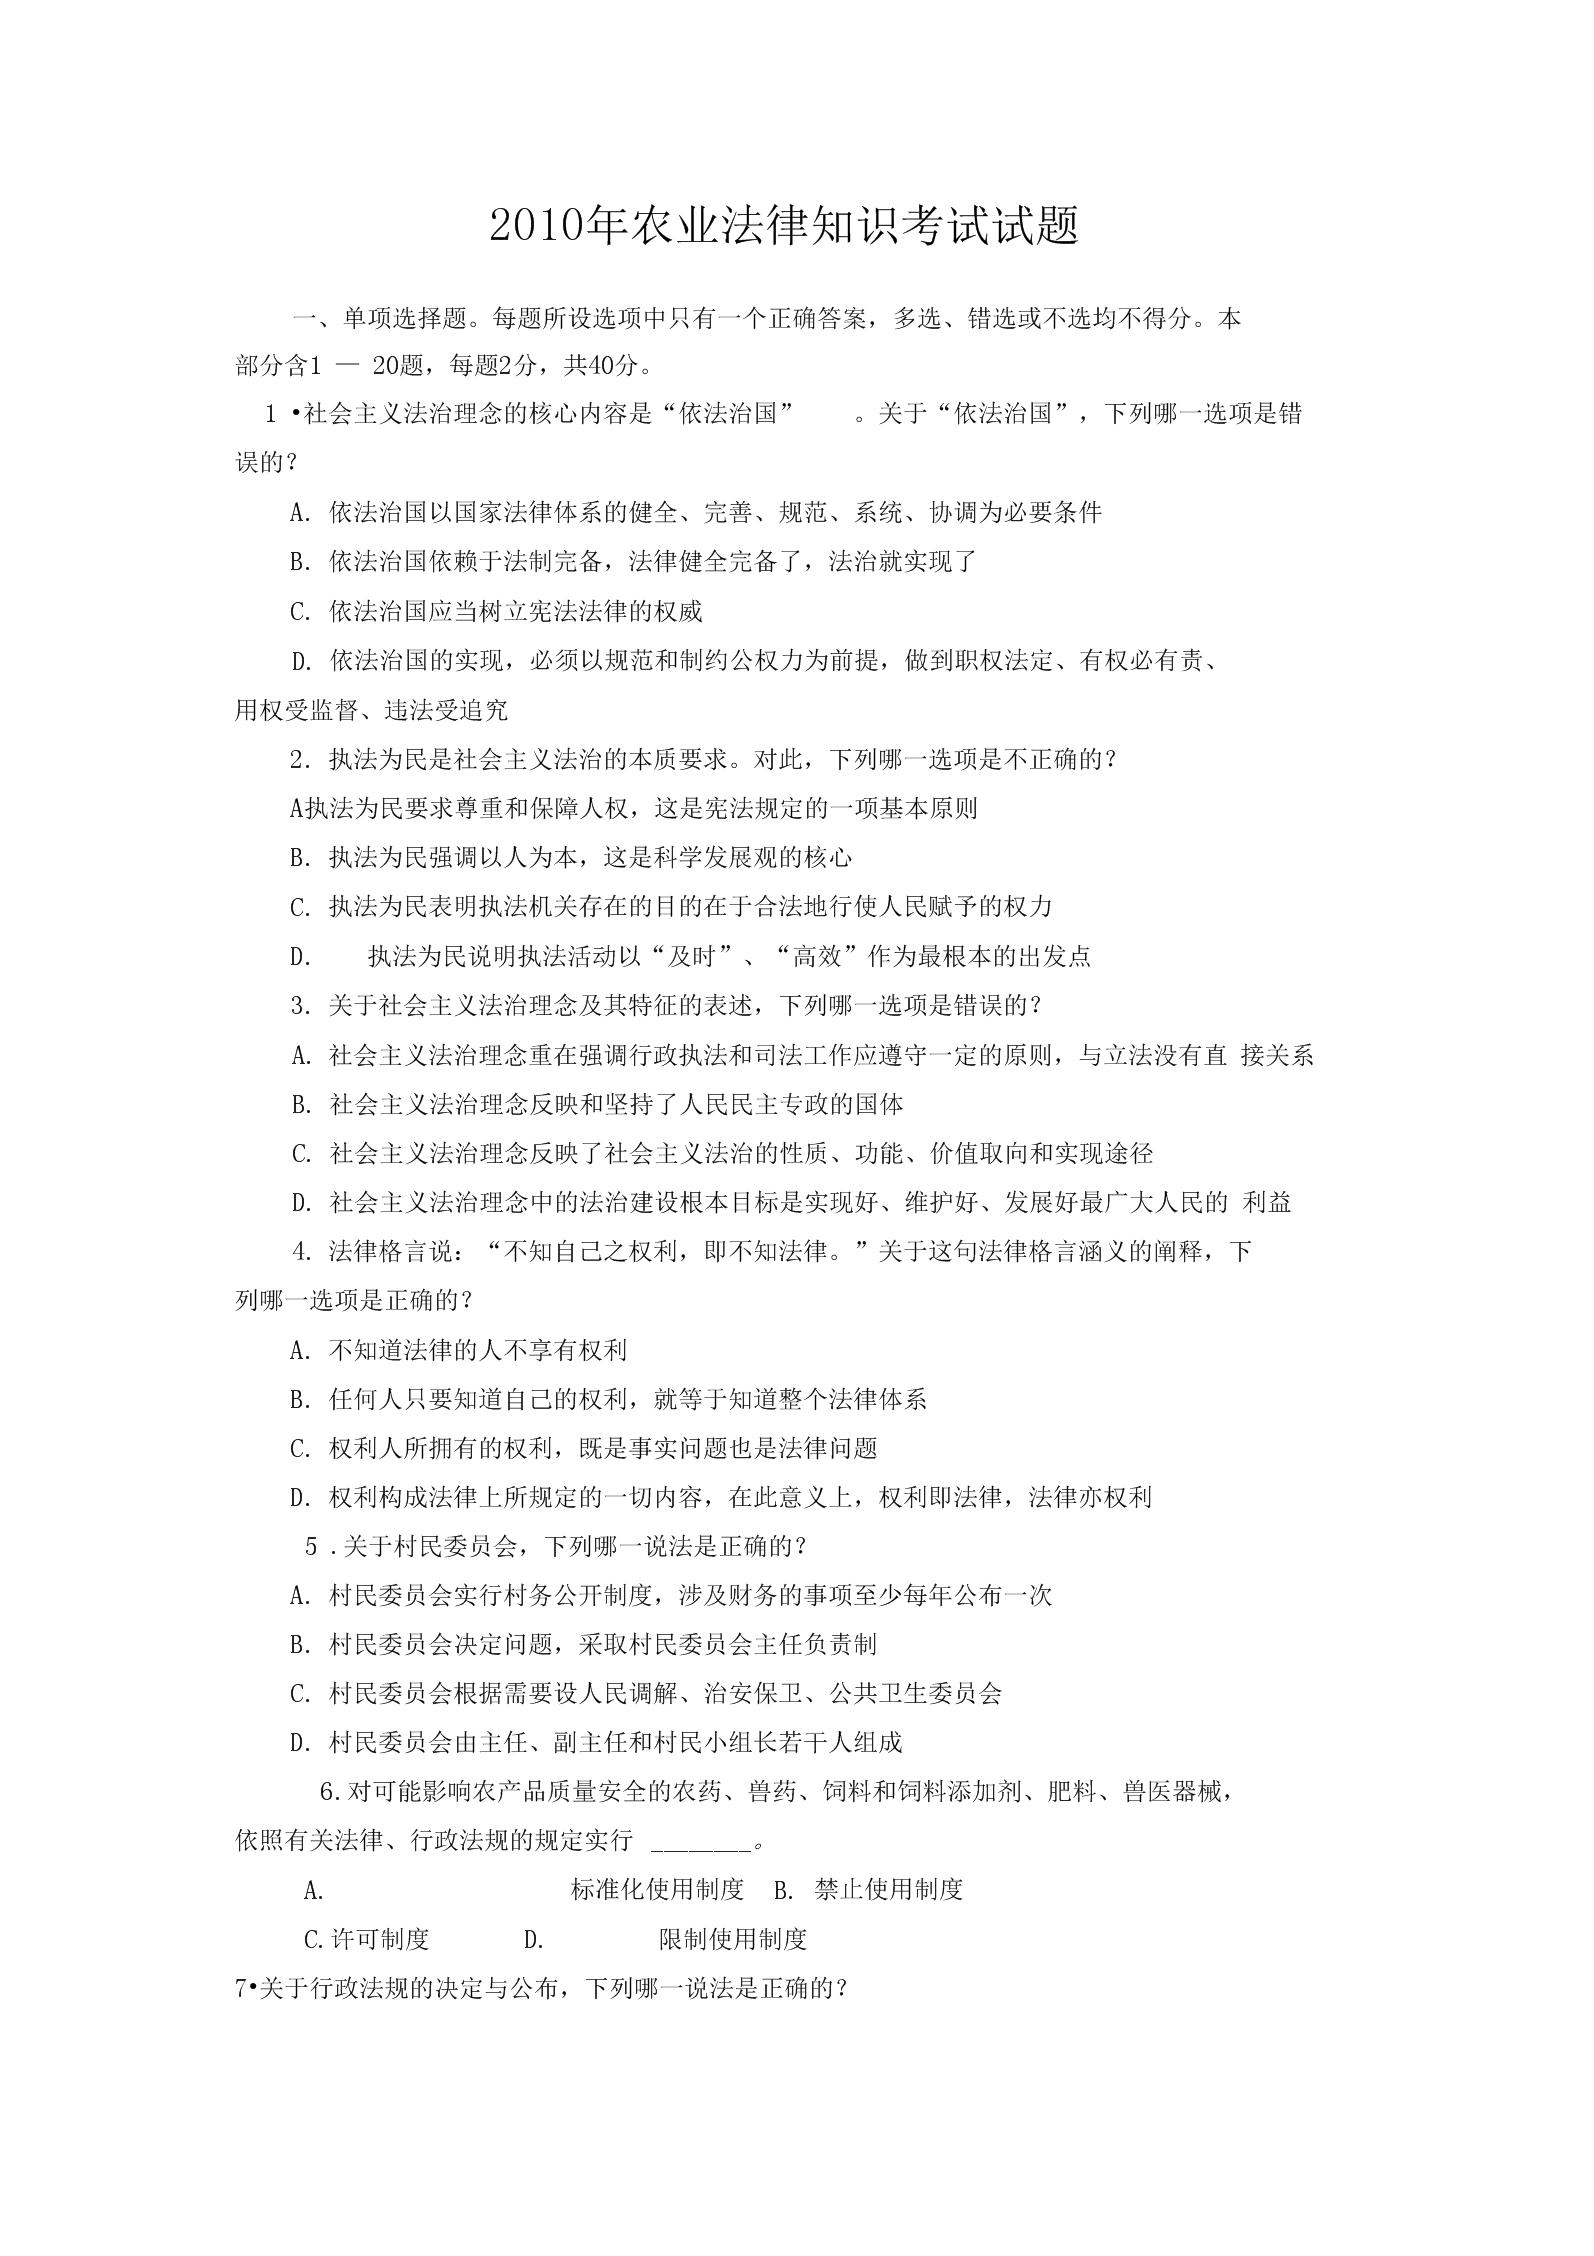 农业法律知识考试题目.docx